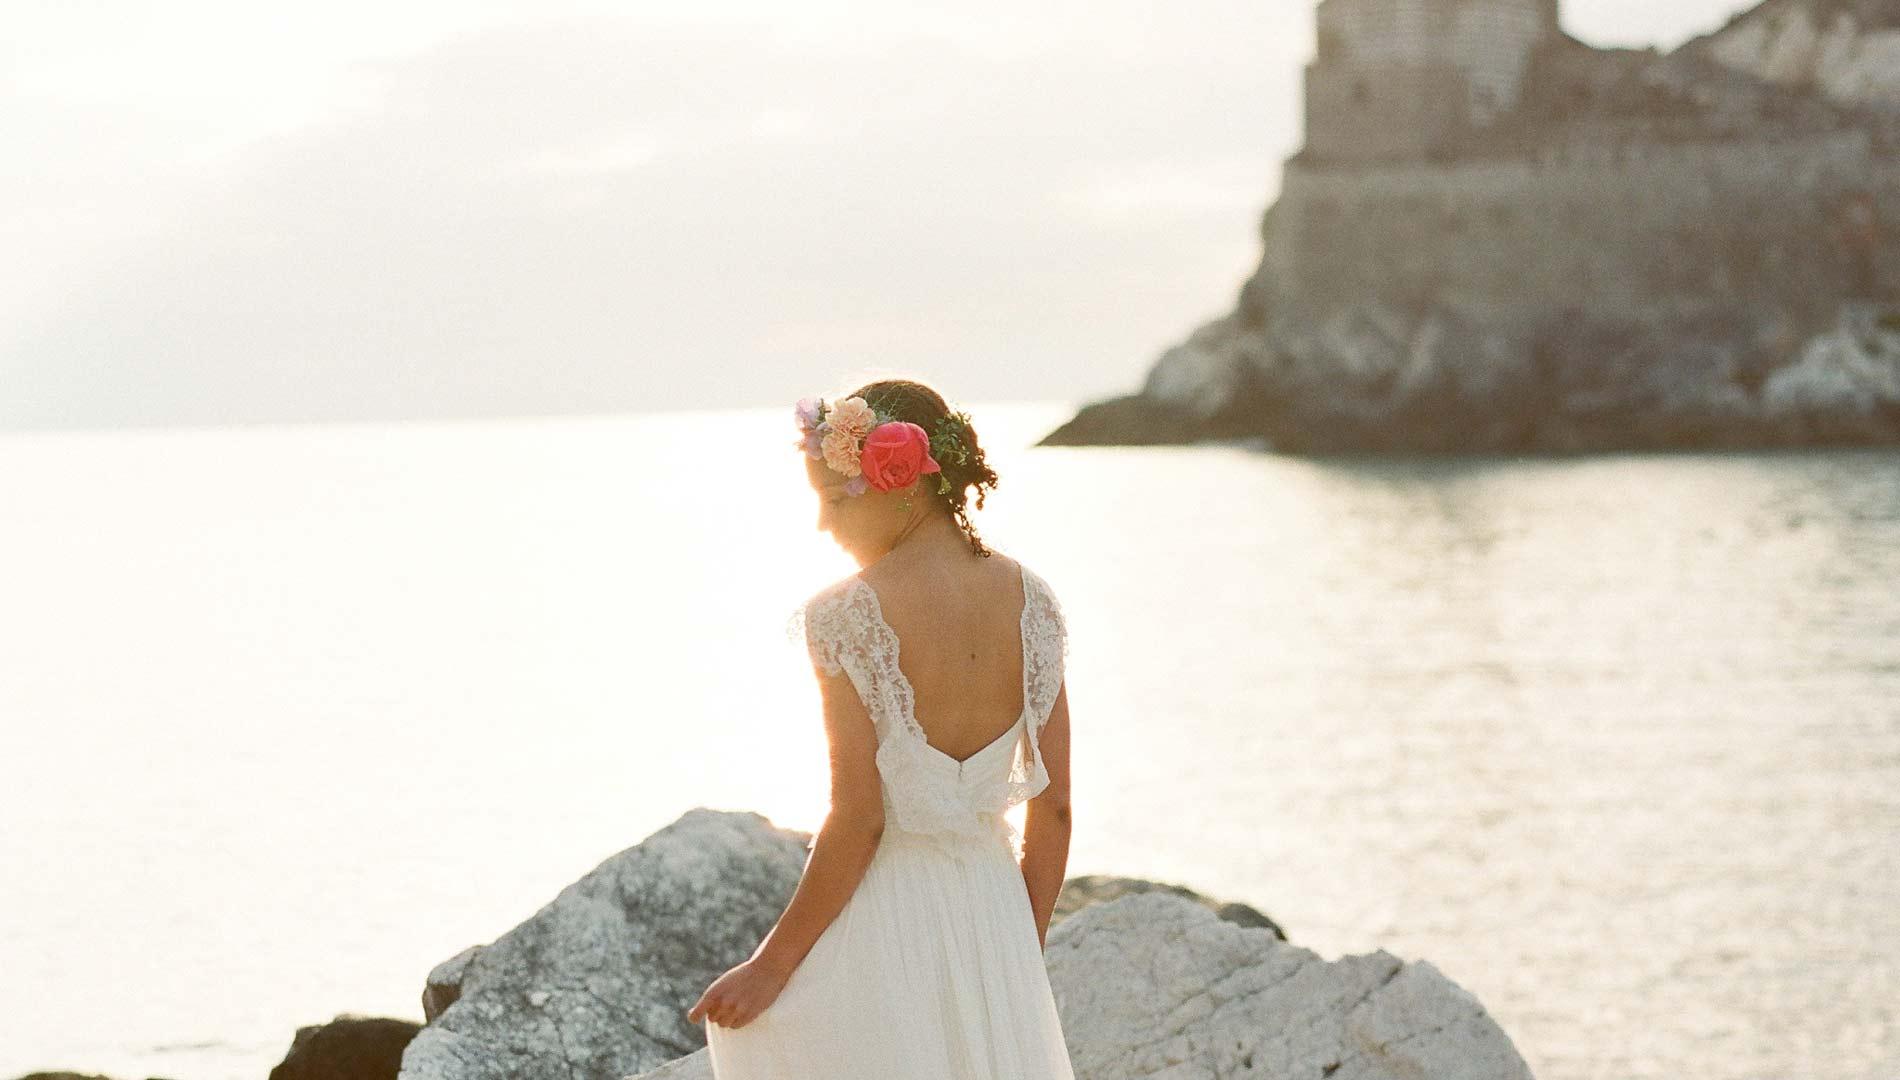 sposa bohemienne, boho, abiti da sposa vintage, sposa al mare